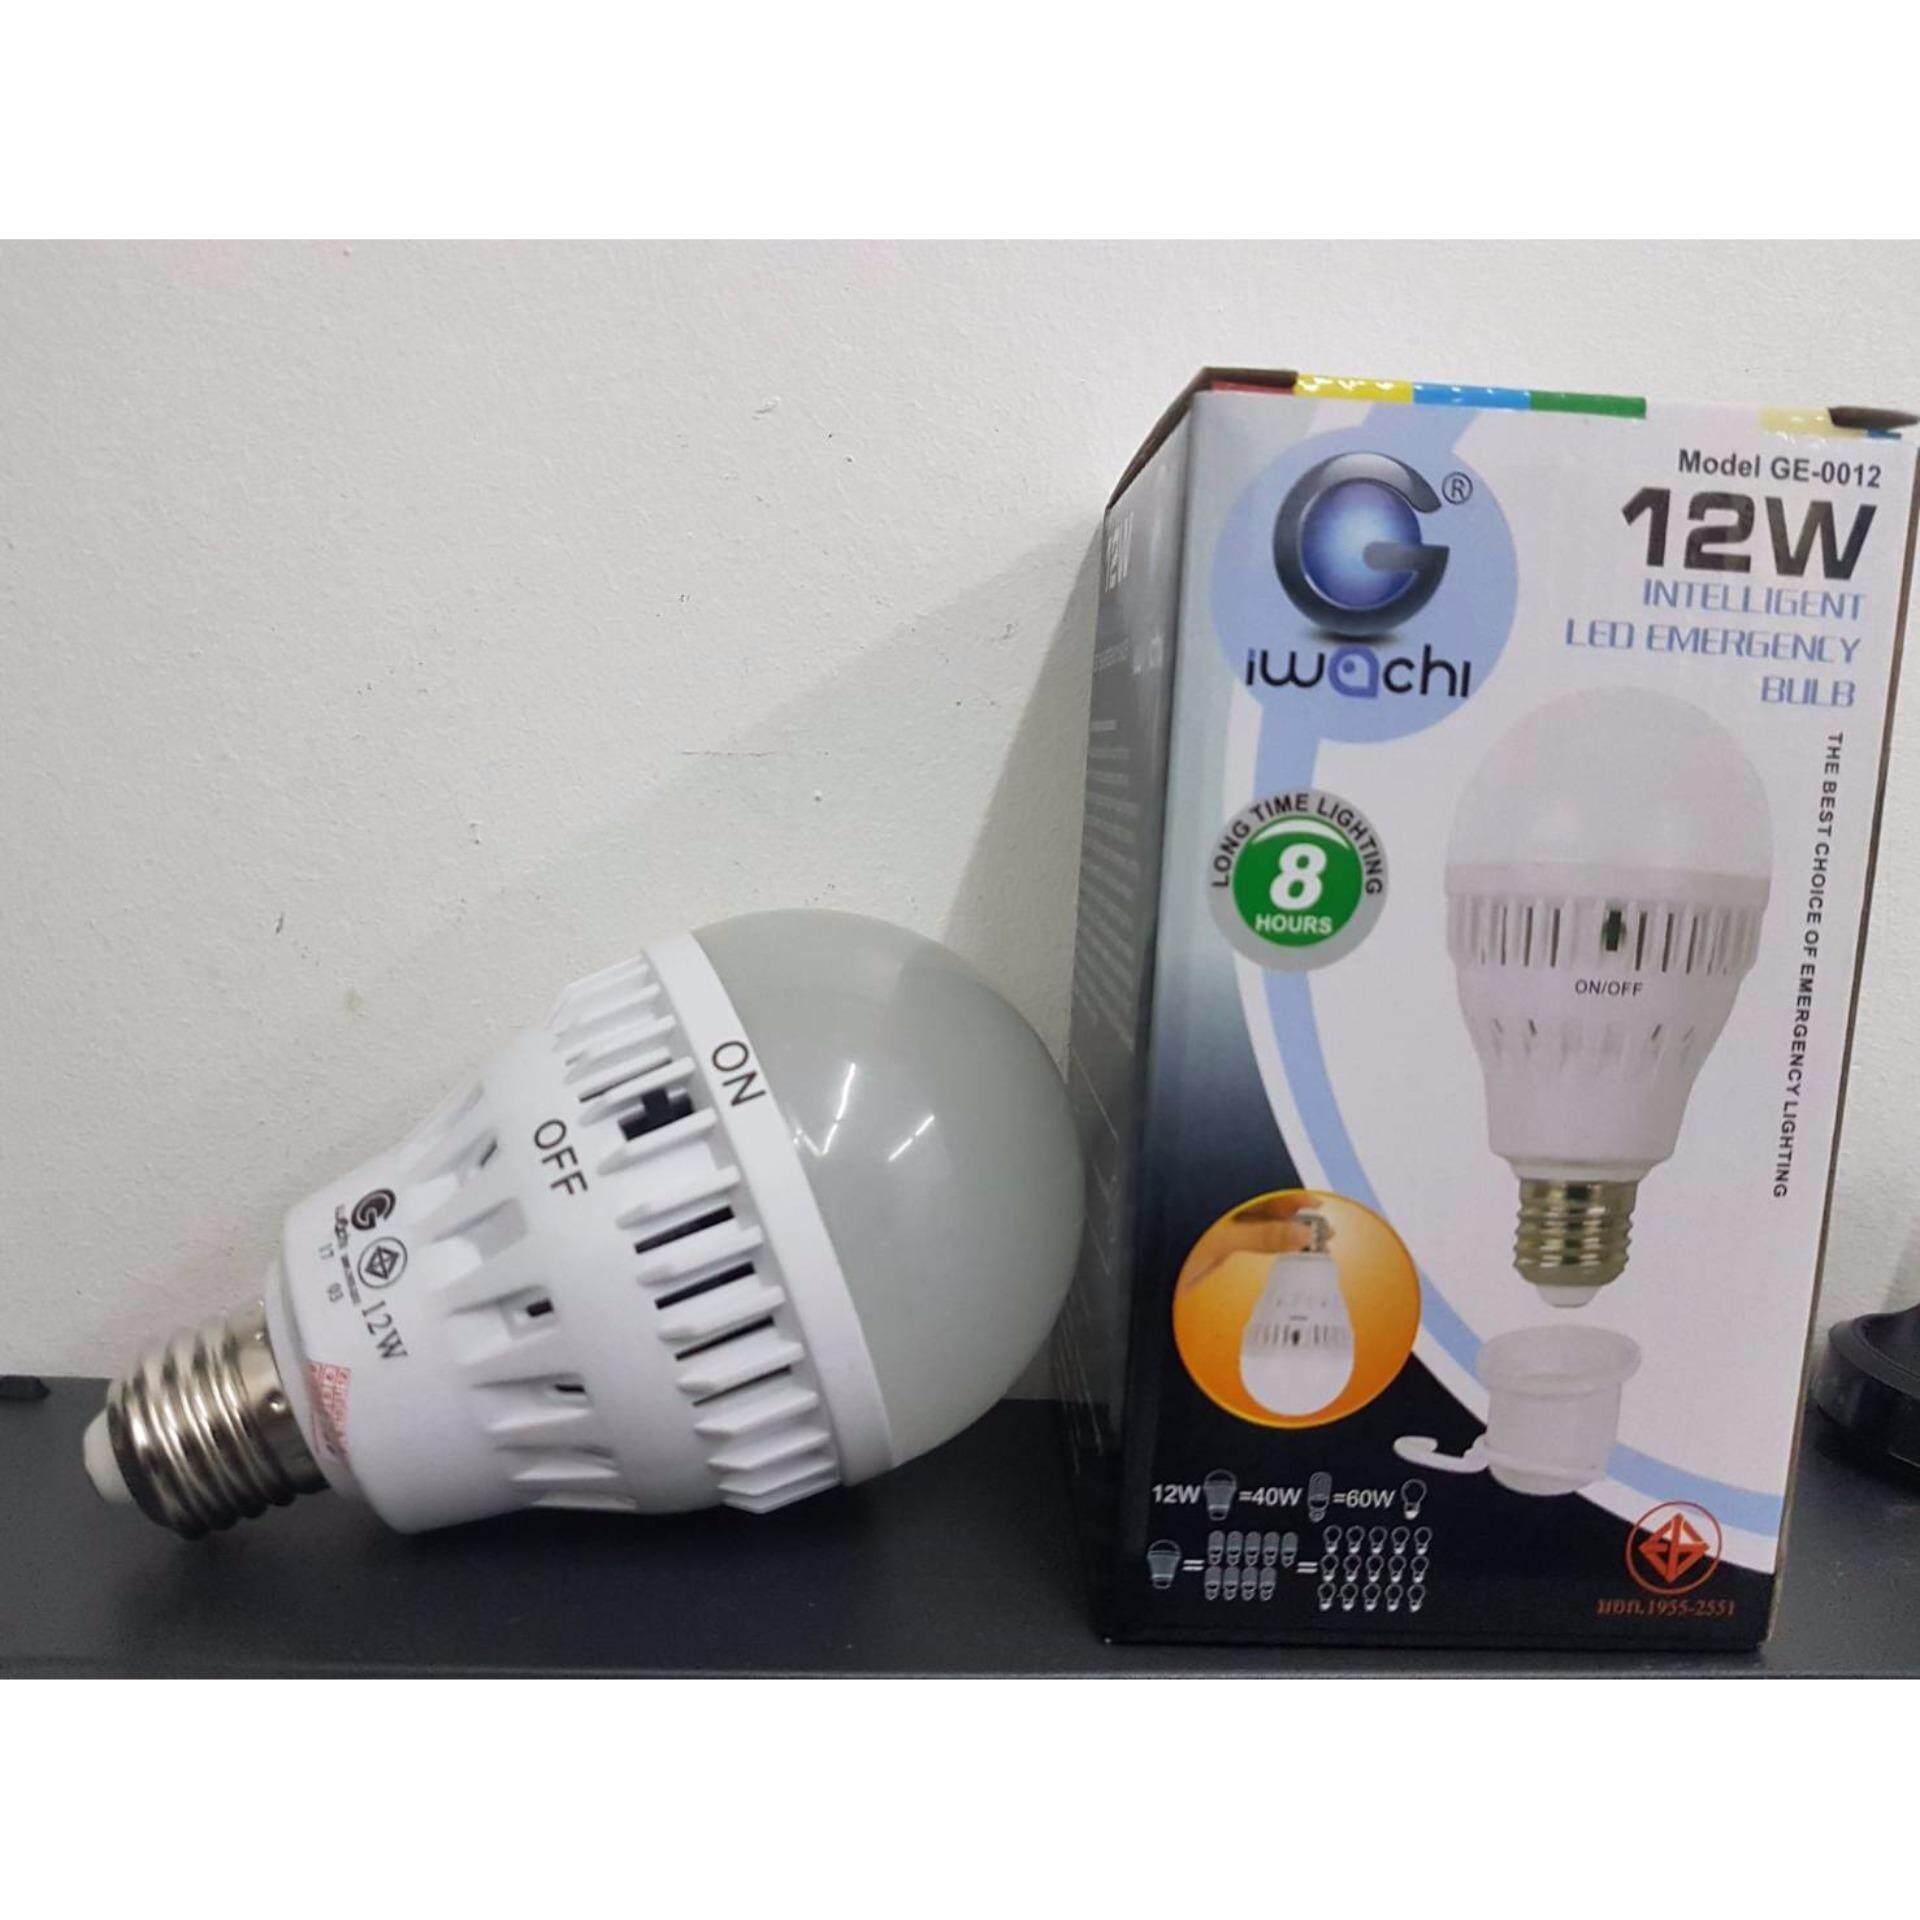 ราคา หลอดไฟอัจฉริยะ อัตโนมัติ เมื่อไฟดับ แสงเดยไลท์ Iwachi Emergency Led 12W 2 หลอด Iwachi ออนไลน์